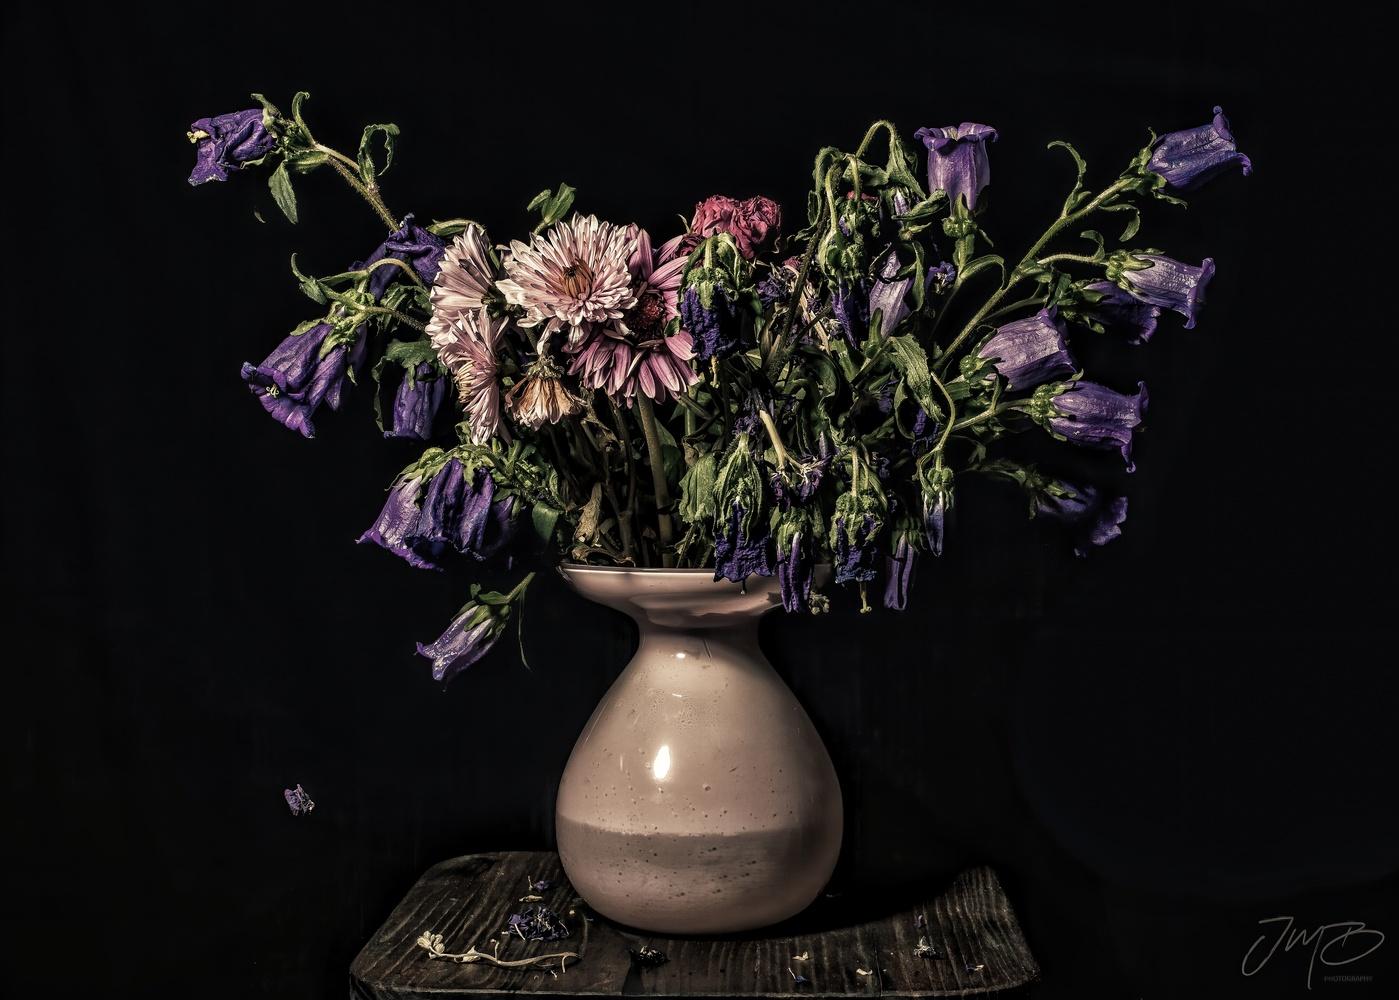 Moribund Beauty by Joe Burdick